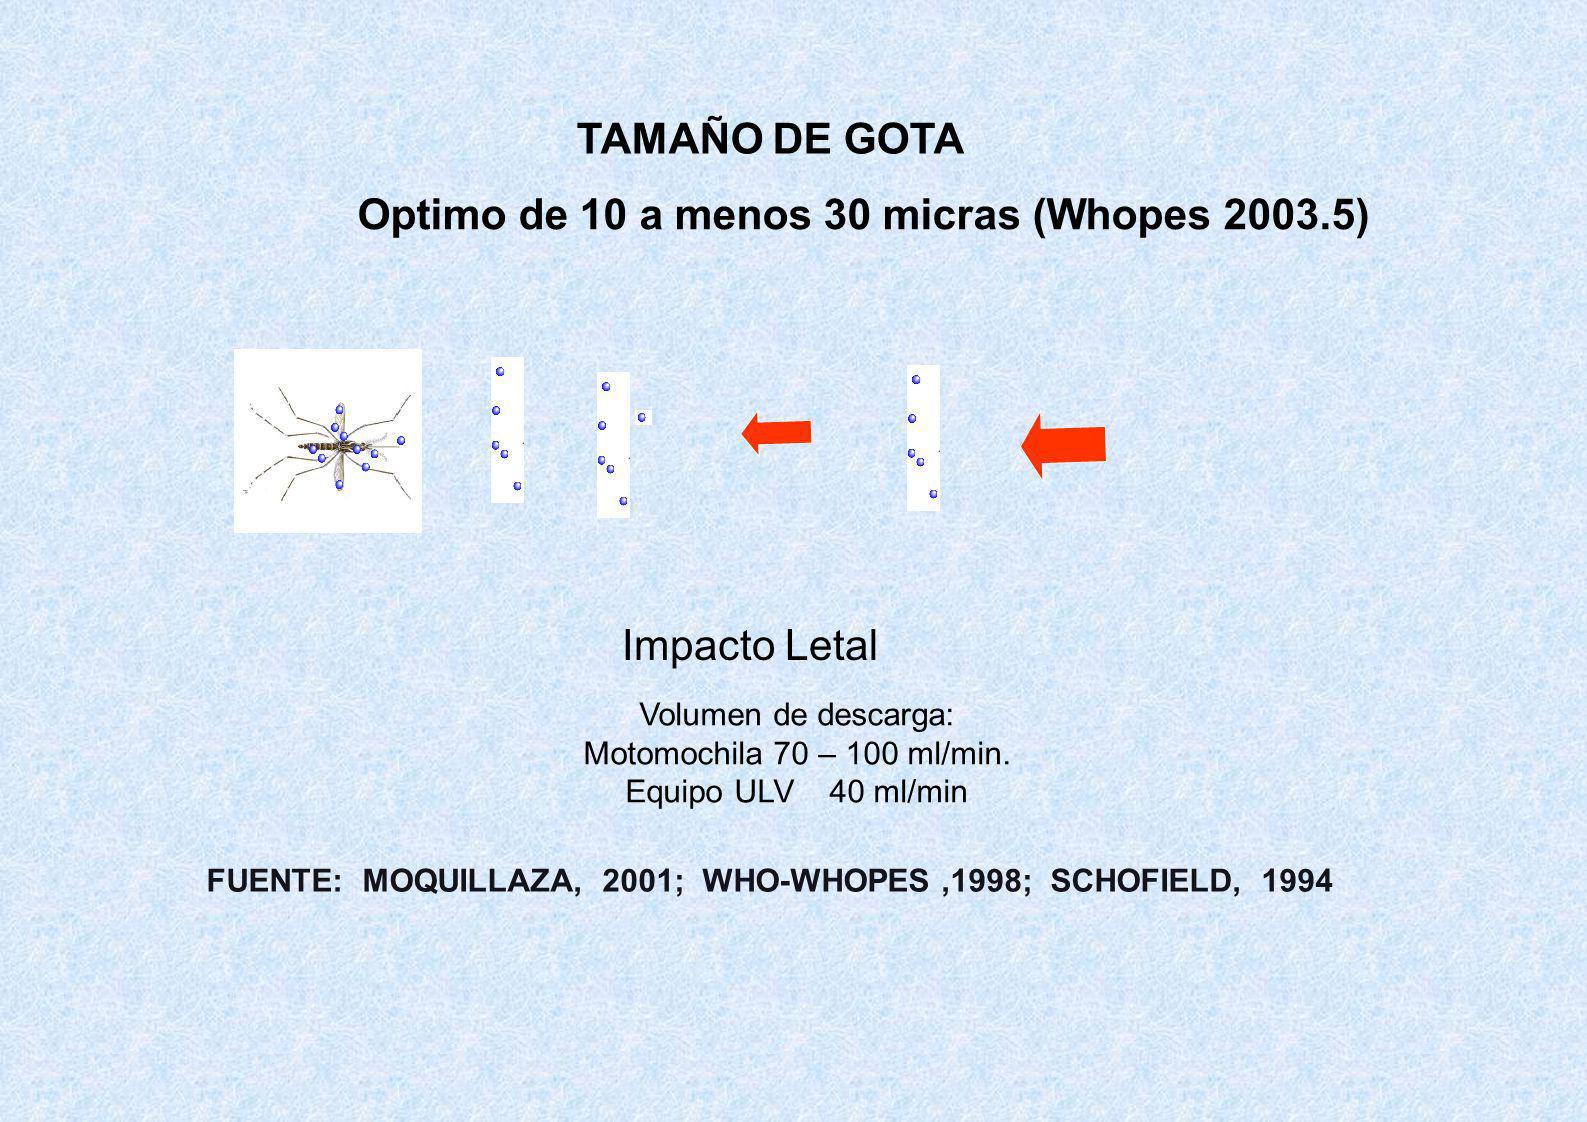 TAMAÑO DE GOTA Optimo de 10 a menos 30 micras (Whopes 2003.5) Impacto Letal Volumen de descarga: Motomochila 70 – 100 ml/min. Equipo ULV 40 ml/min FUE